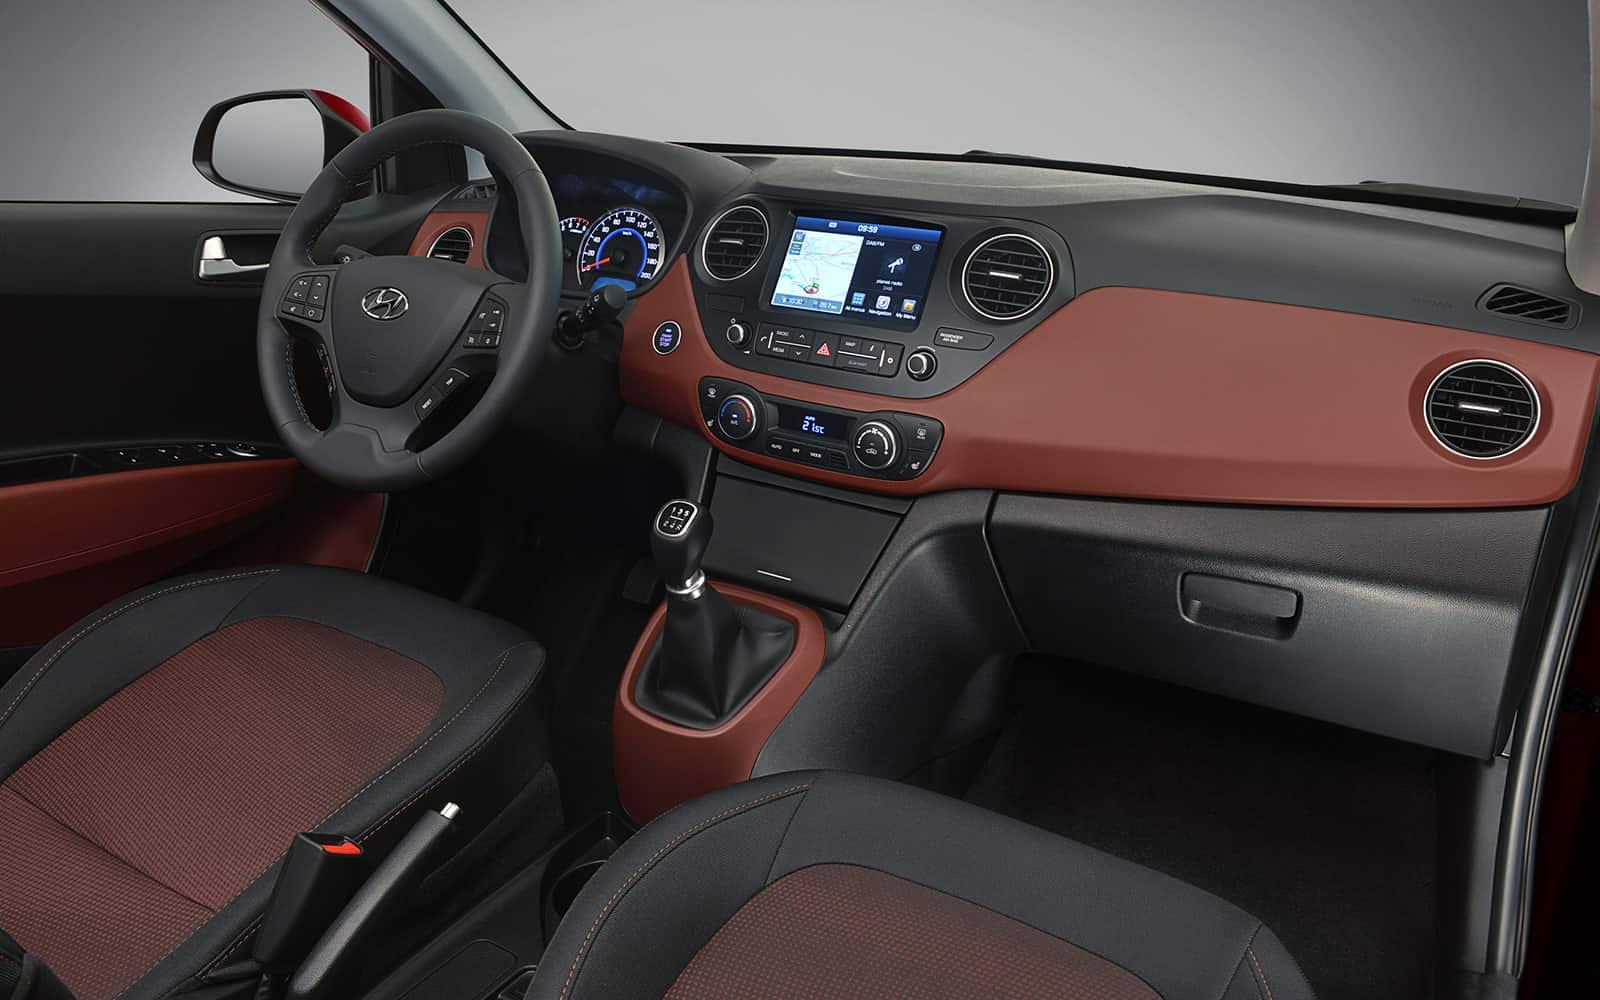 Hyundai wertet den i10 auf